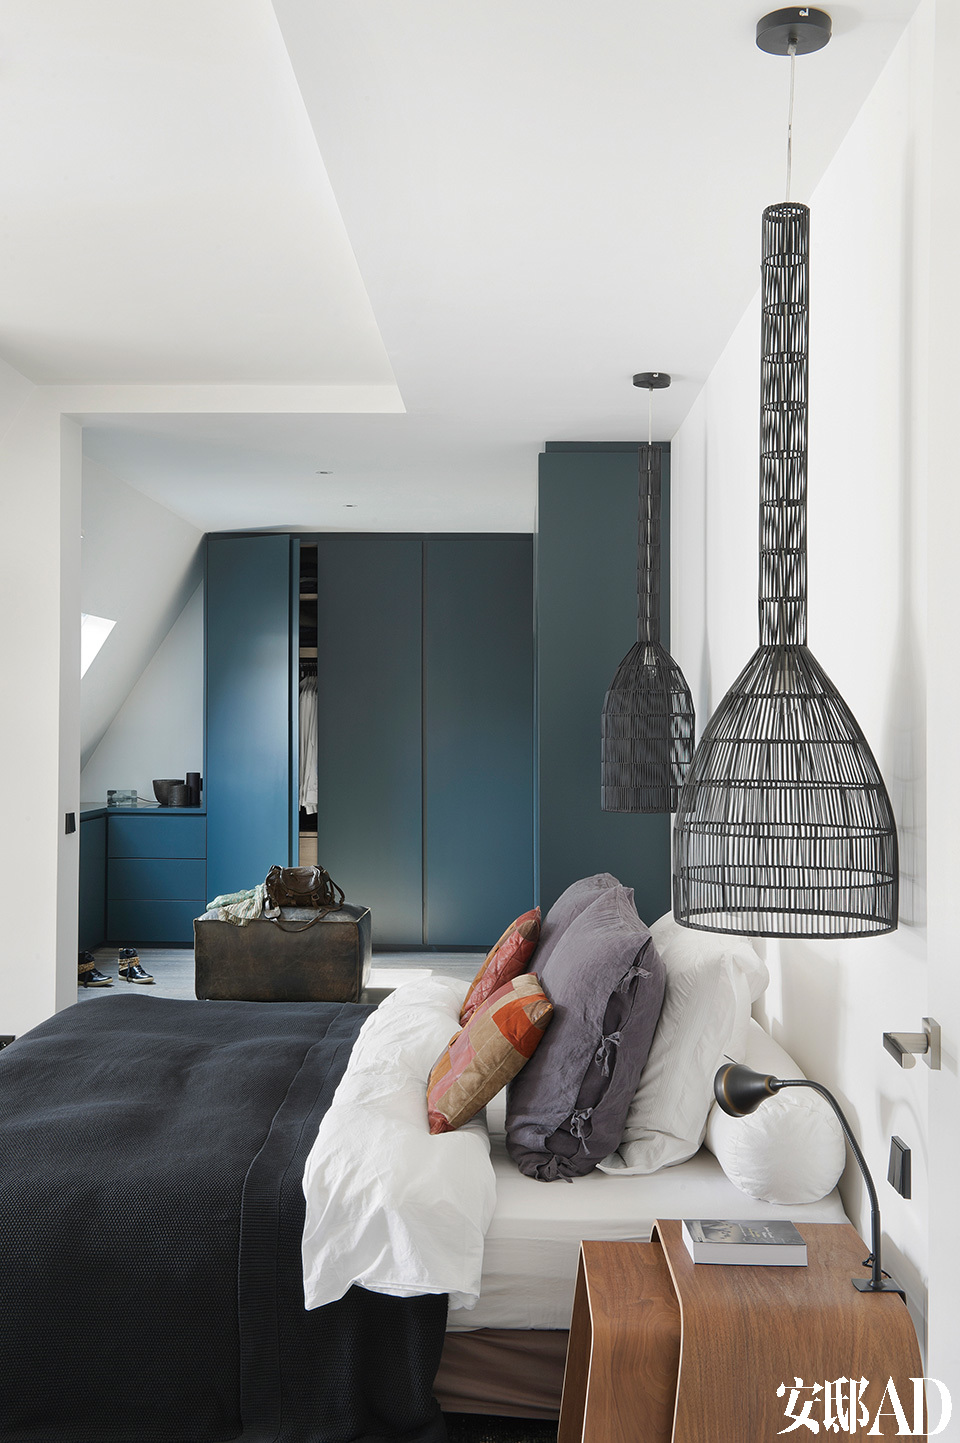 阁楼上的主卧室,床两侧的吊灯来自Ayilluminate,床品是Ralph Lauren品牌,床头柜来自Flamingo。与墙面吻合的衣橱为量身定制,喷涂成了亚光的深蓝色。